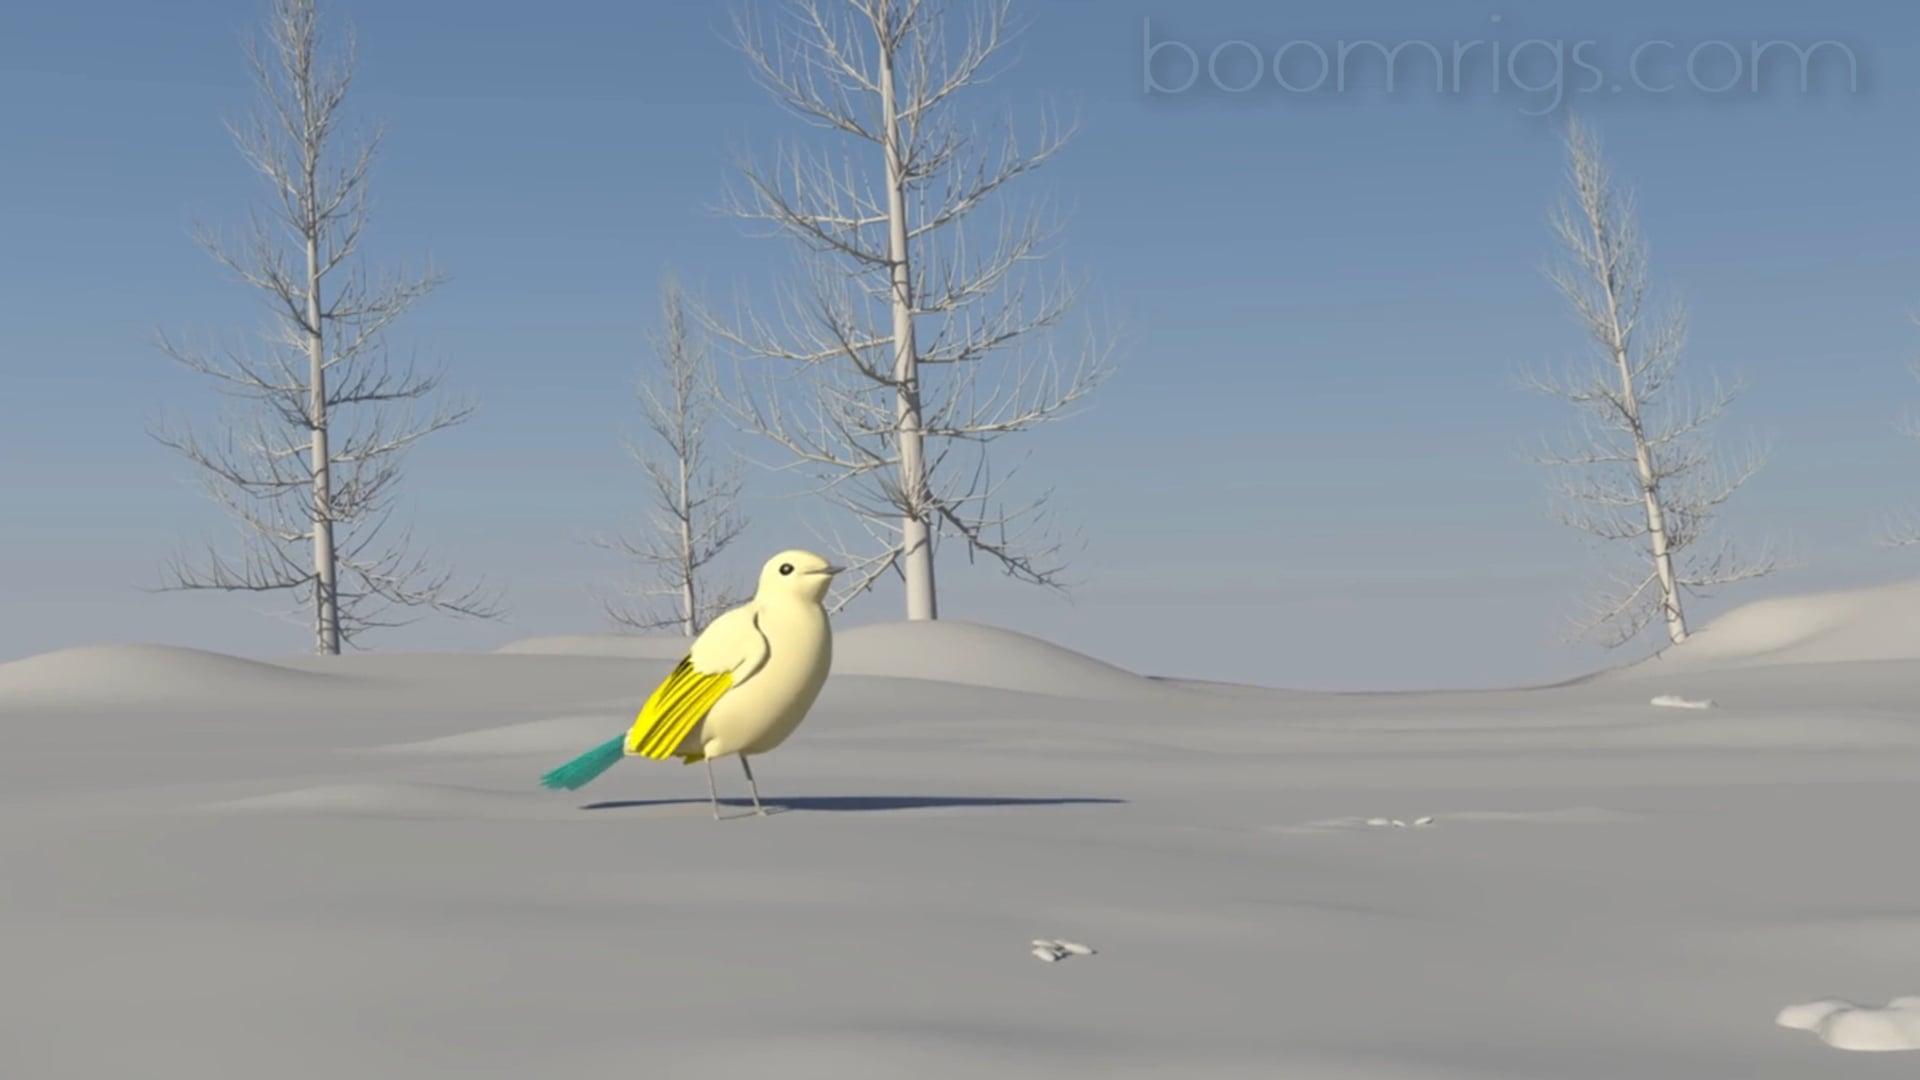 as_EasyBird - Robin Bird Rigging